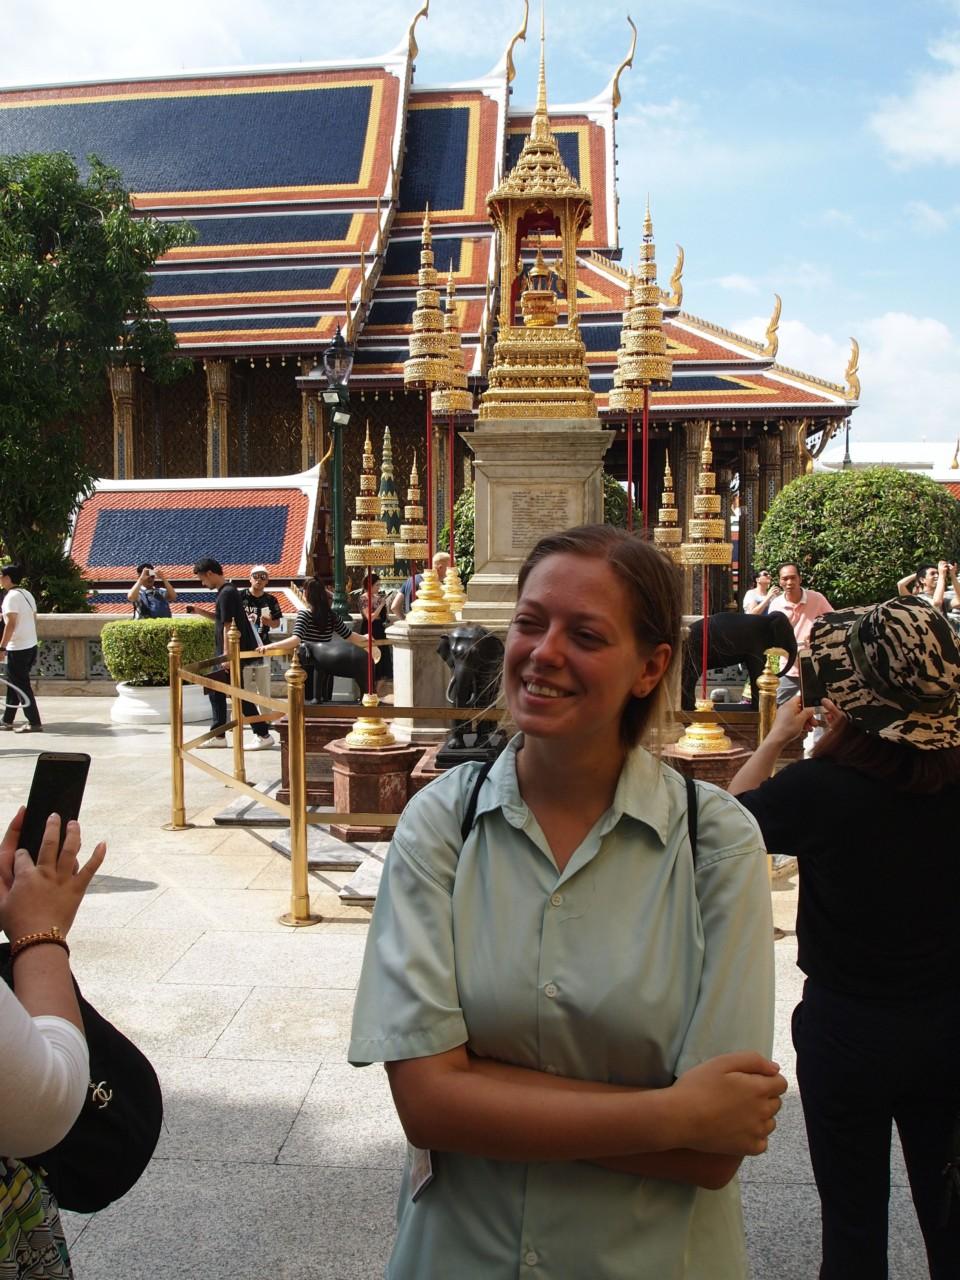 Martina is not amused. Ihre mitgebrachte Kleidung zum verdecken der Schultern wurde nicht für den großen Palast akzeptiert. So musste sie sich etwas ausleihen.